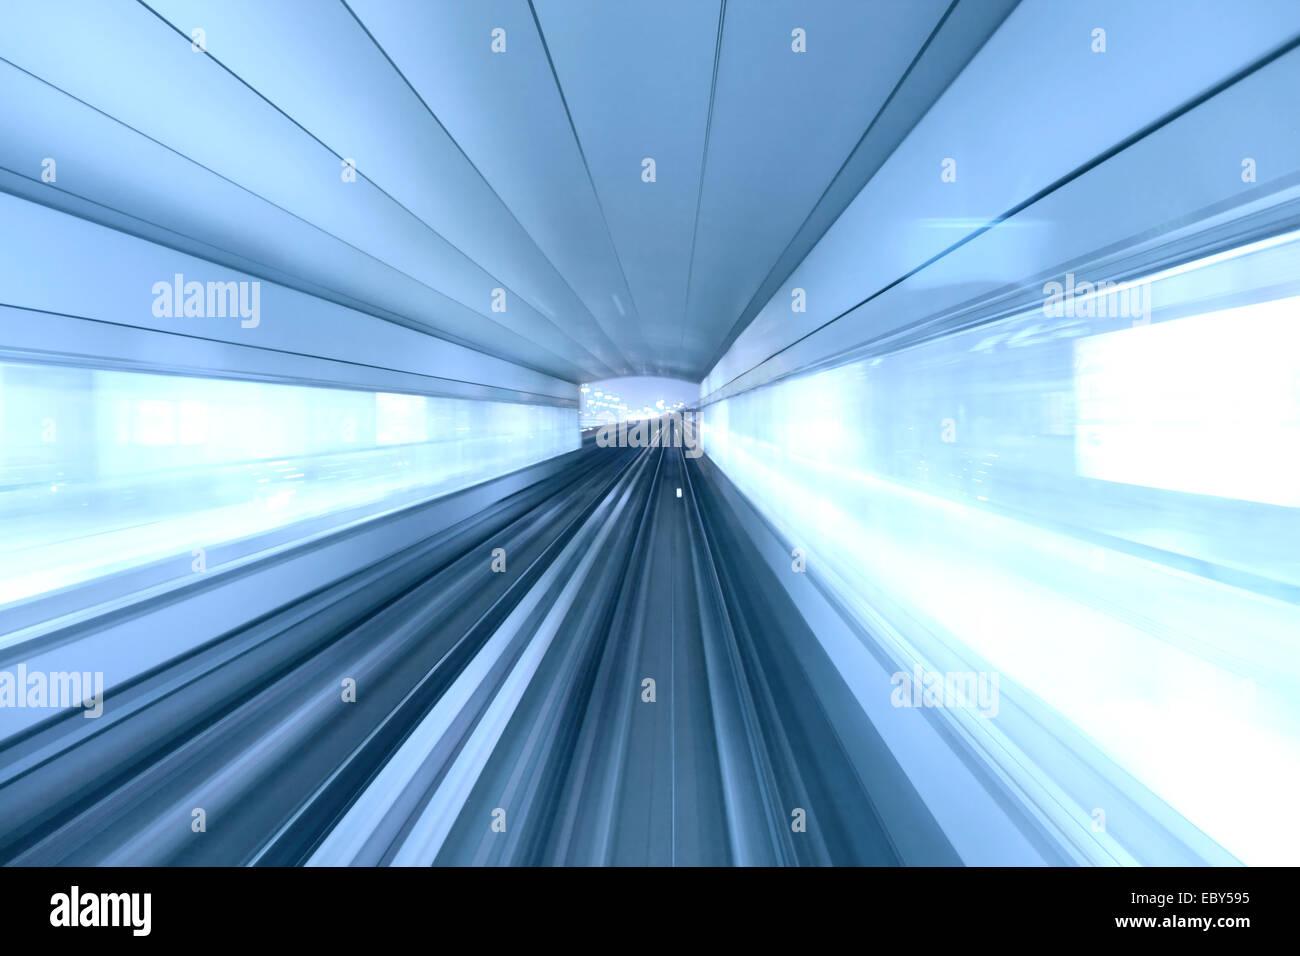 Dubai Metro - Stock Image